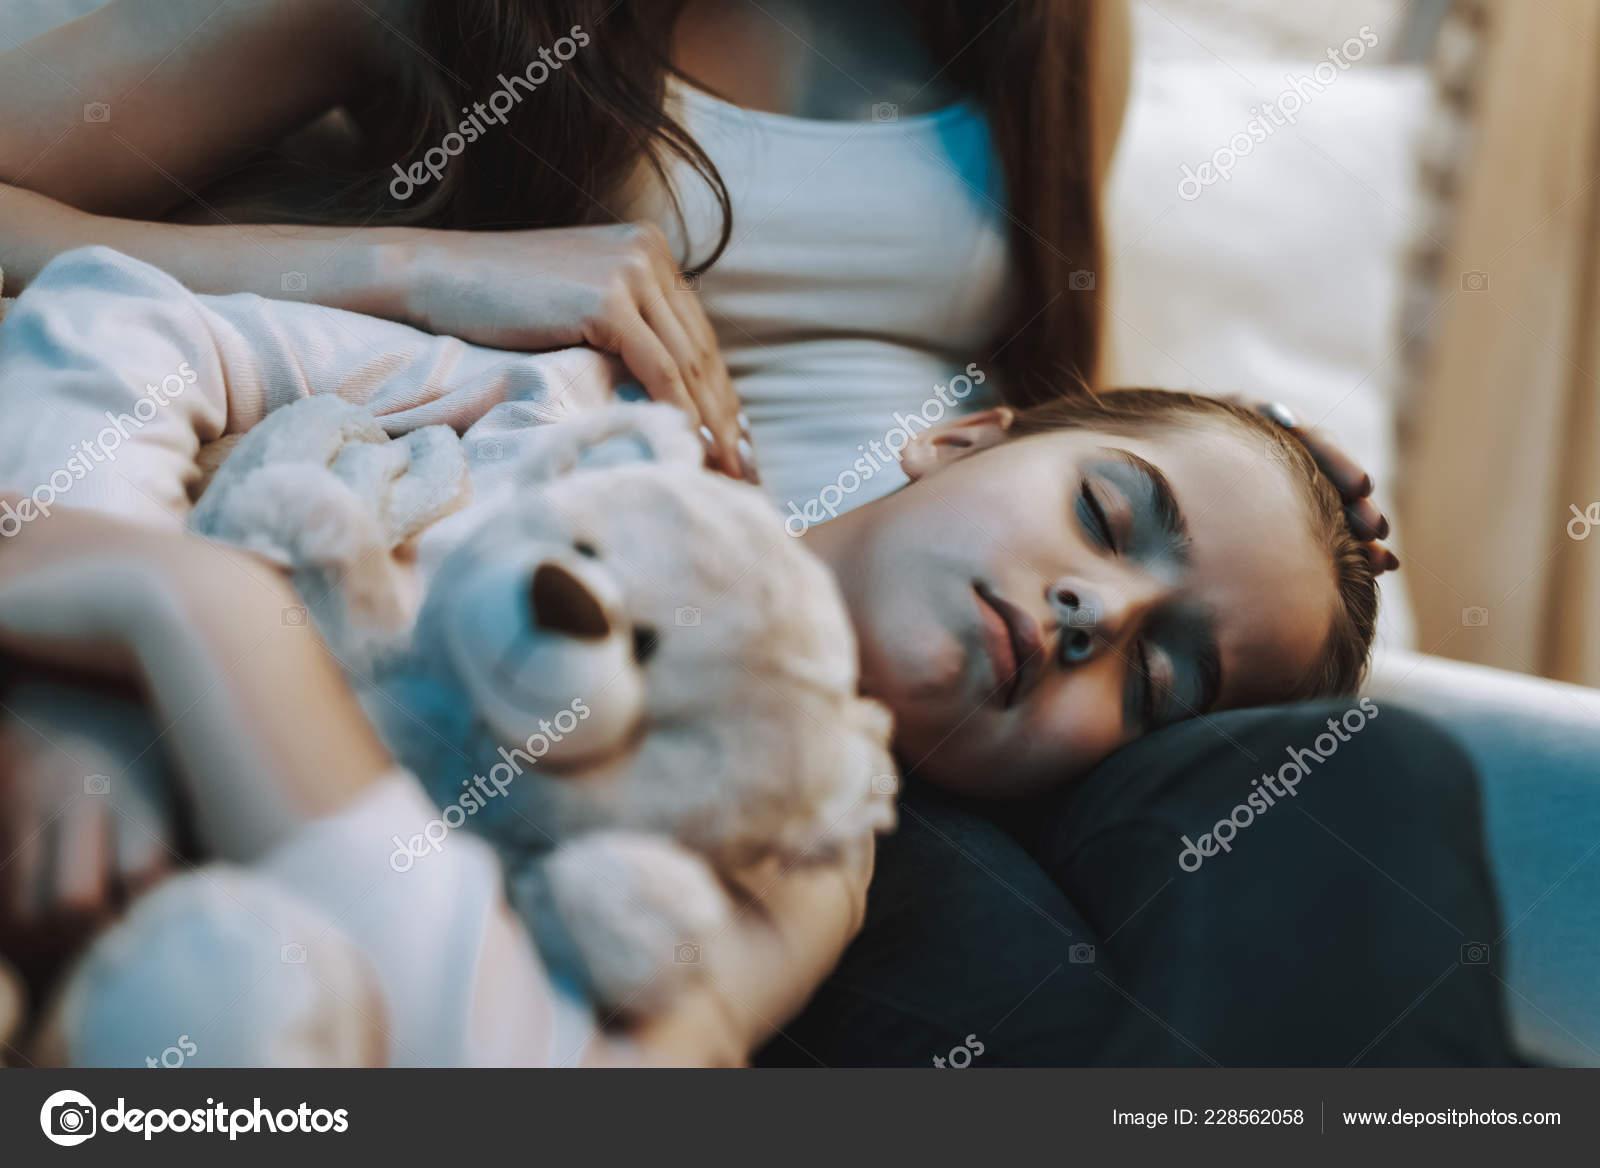 Смотреть сын любовник мама, Сын и мама стали Любовниками - порно видео онлайн 24 фотография